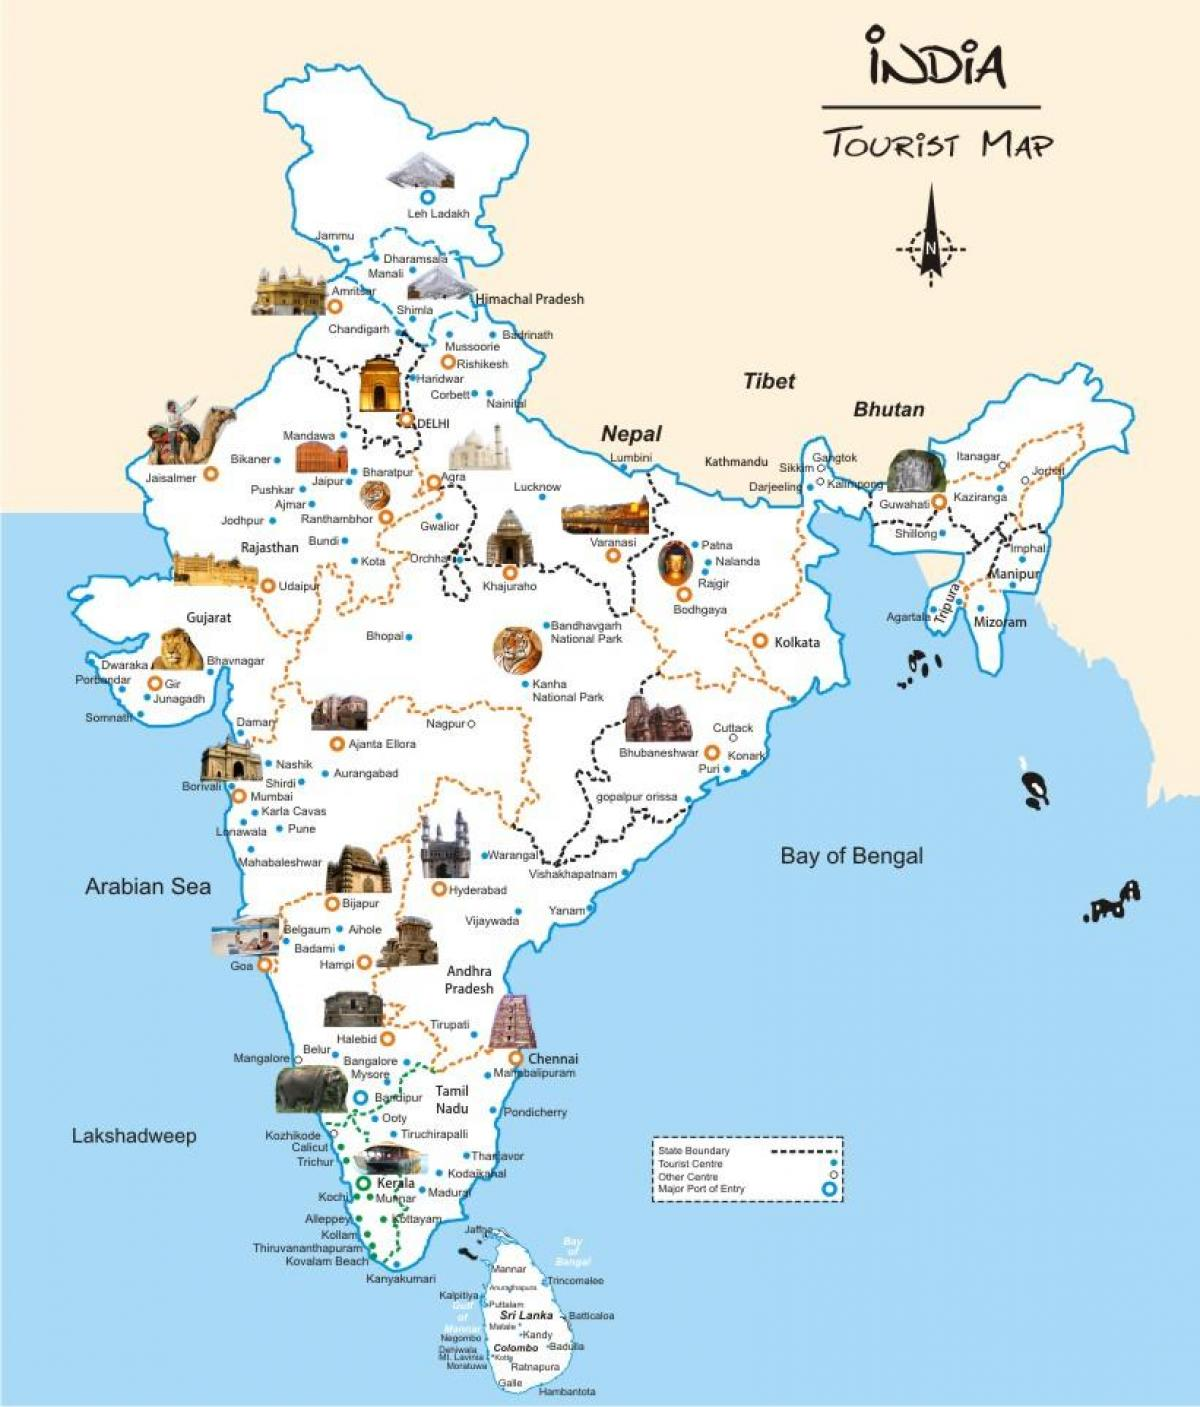 Tourist Map India India Map Tourist Southern Asia Asia